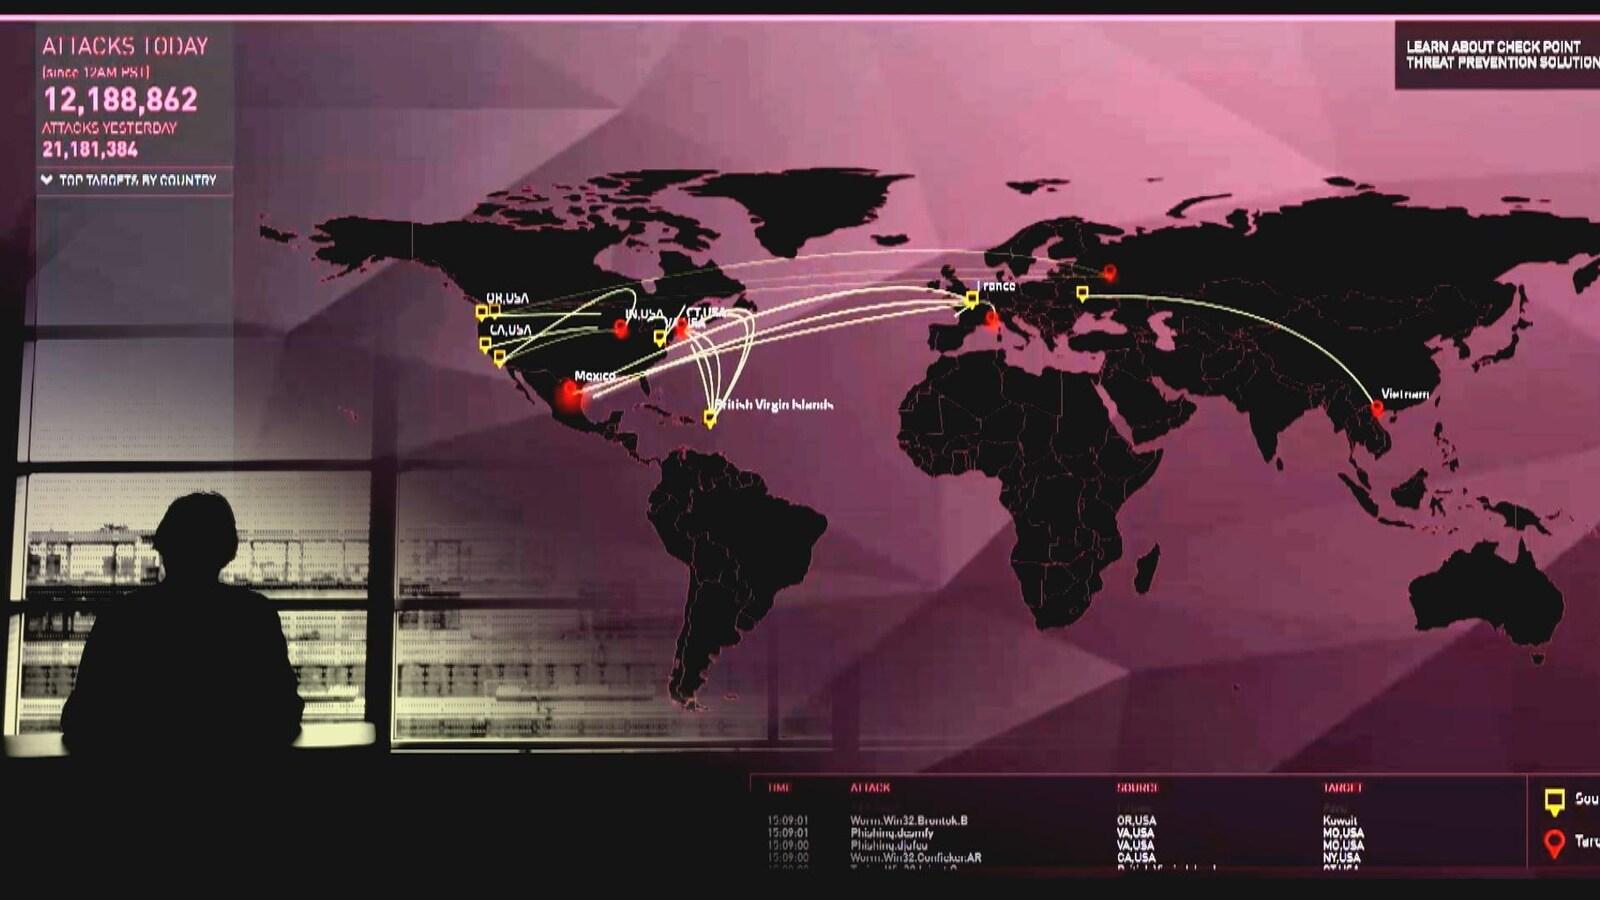 On voit une carte du monde représentant les lieux d'origine et les cibles de cyberattaques en temps réel.